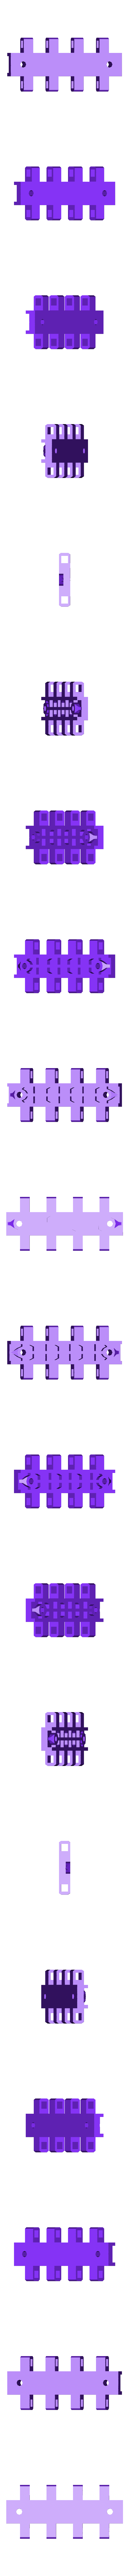 T-34-76 - track_1.stl Télécharger fichier STL T-34/76 pour l'assemblage, avec voies mobiles • Objet pour imprimante 3D, c47